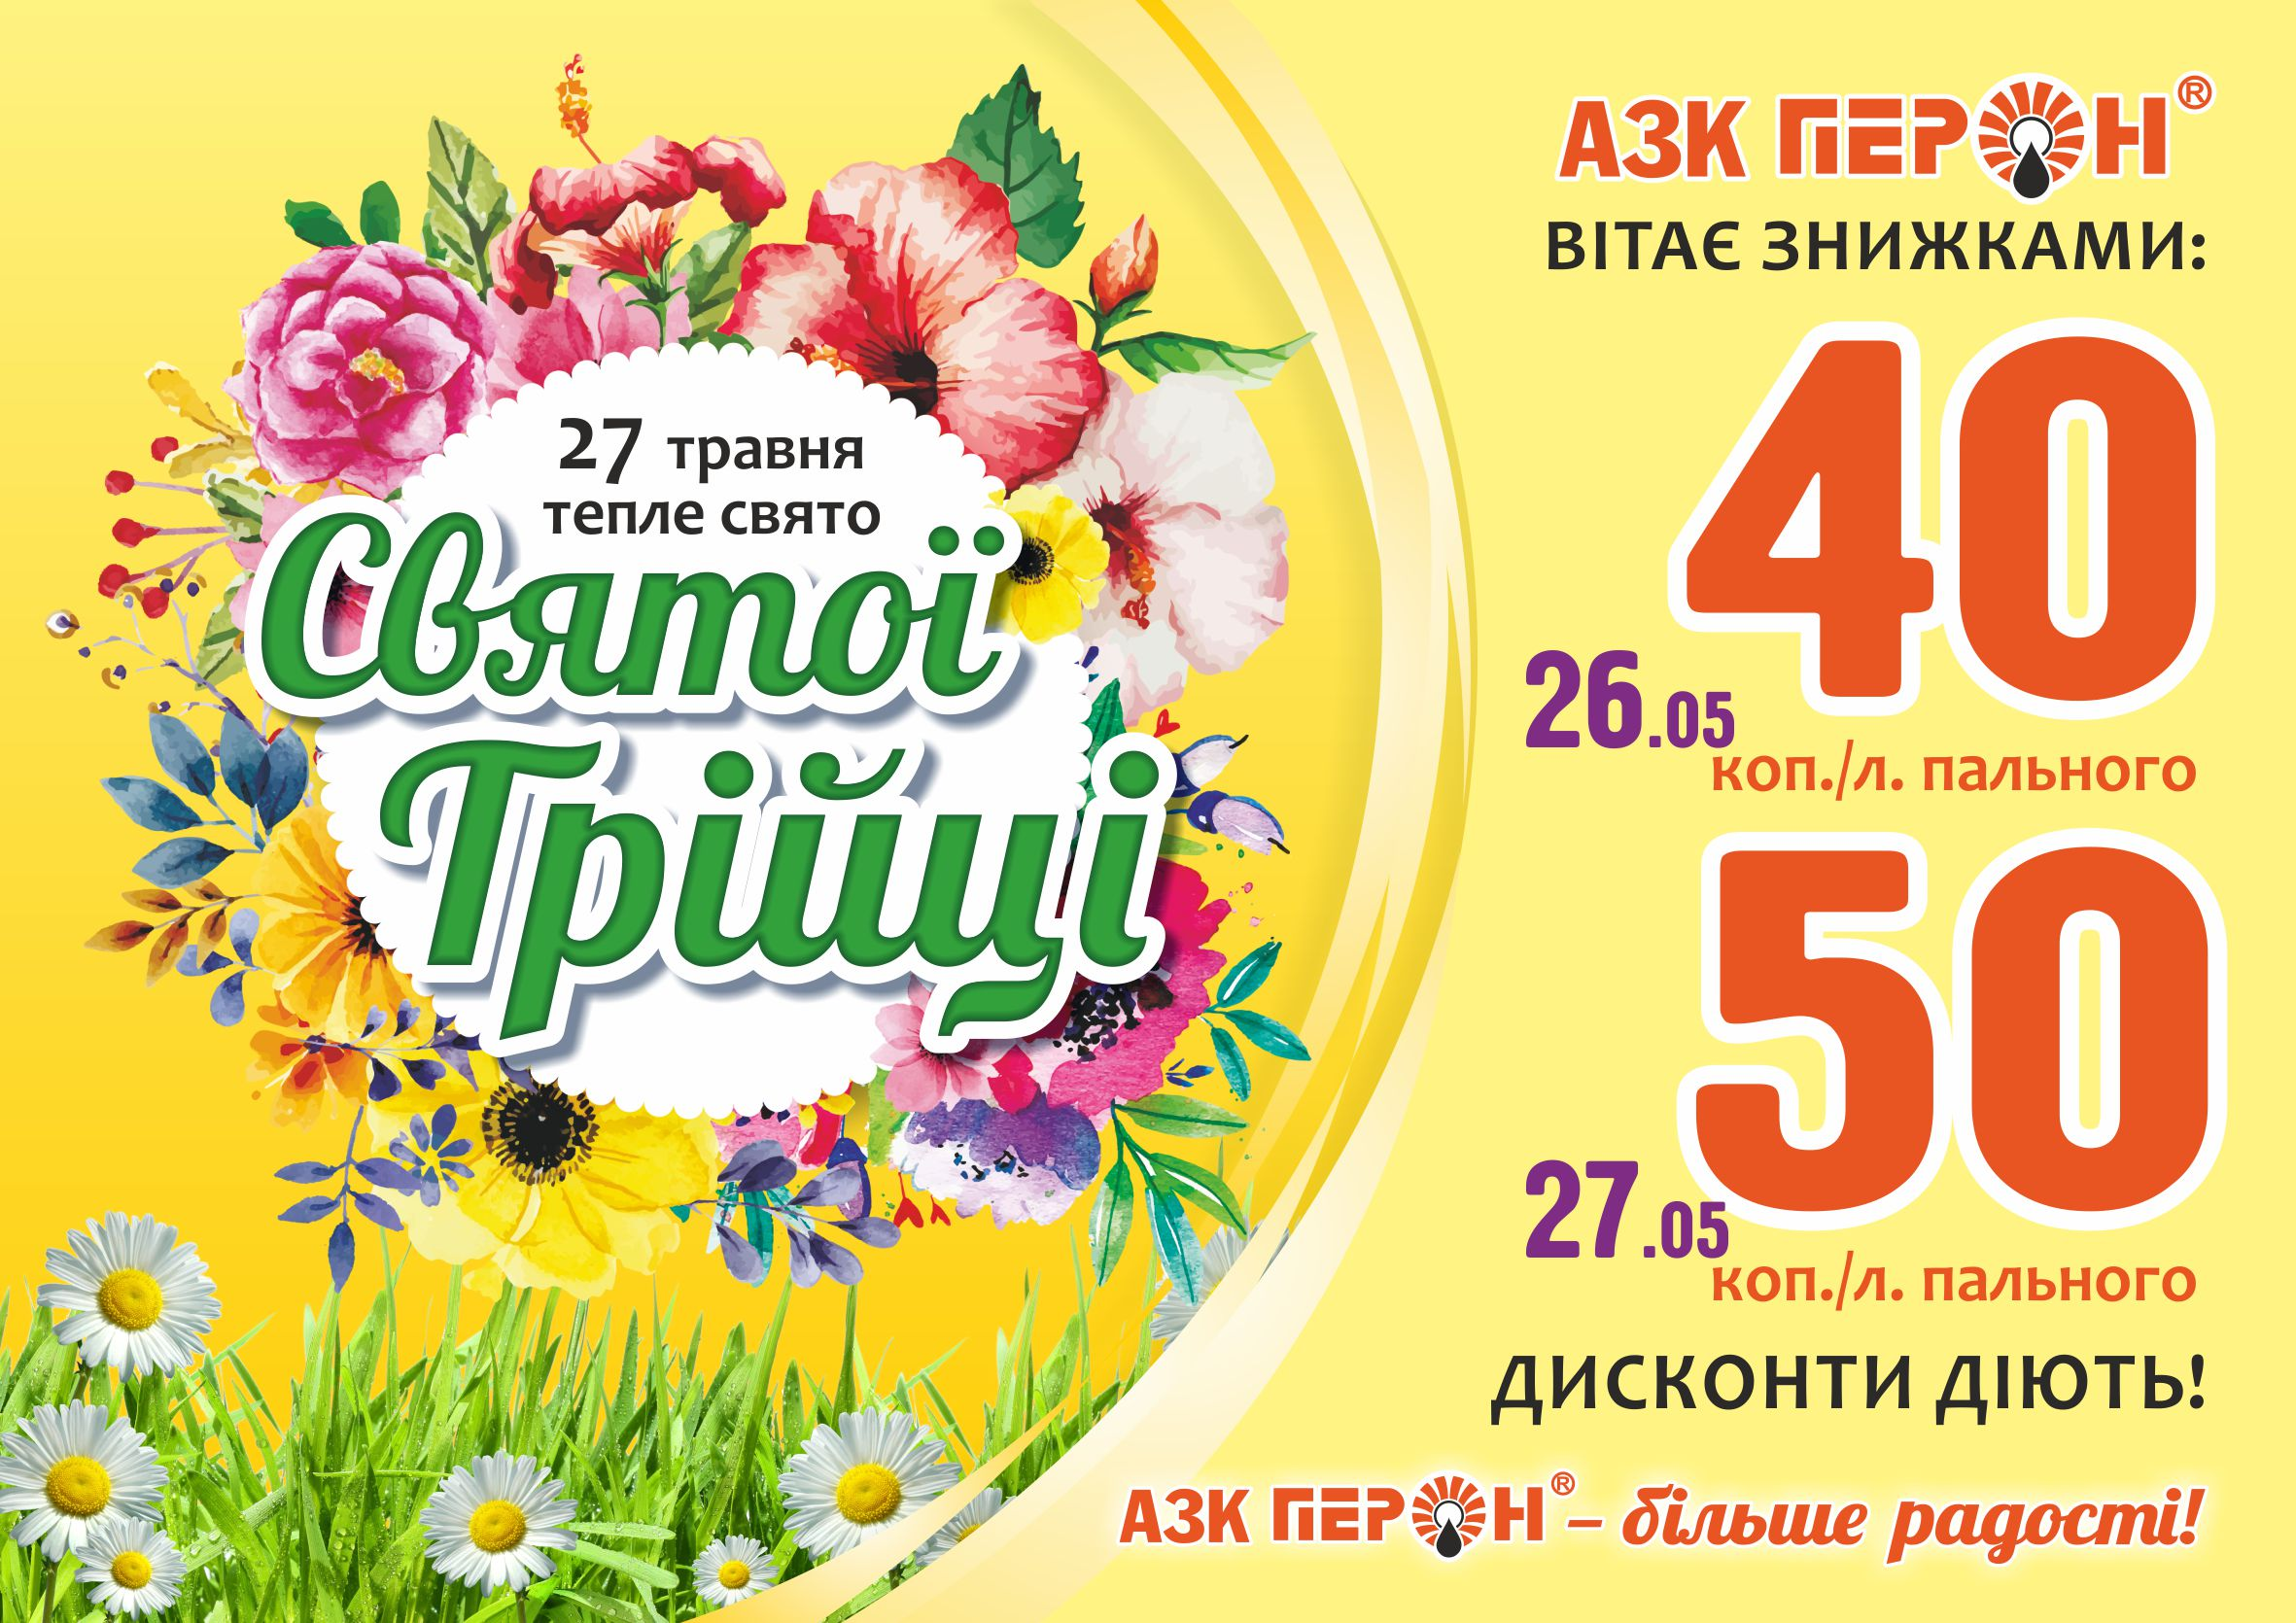 27 травня – тепле свято Святої Трійці!